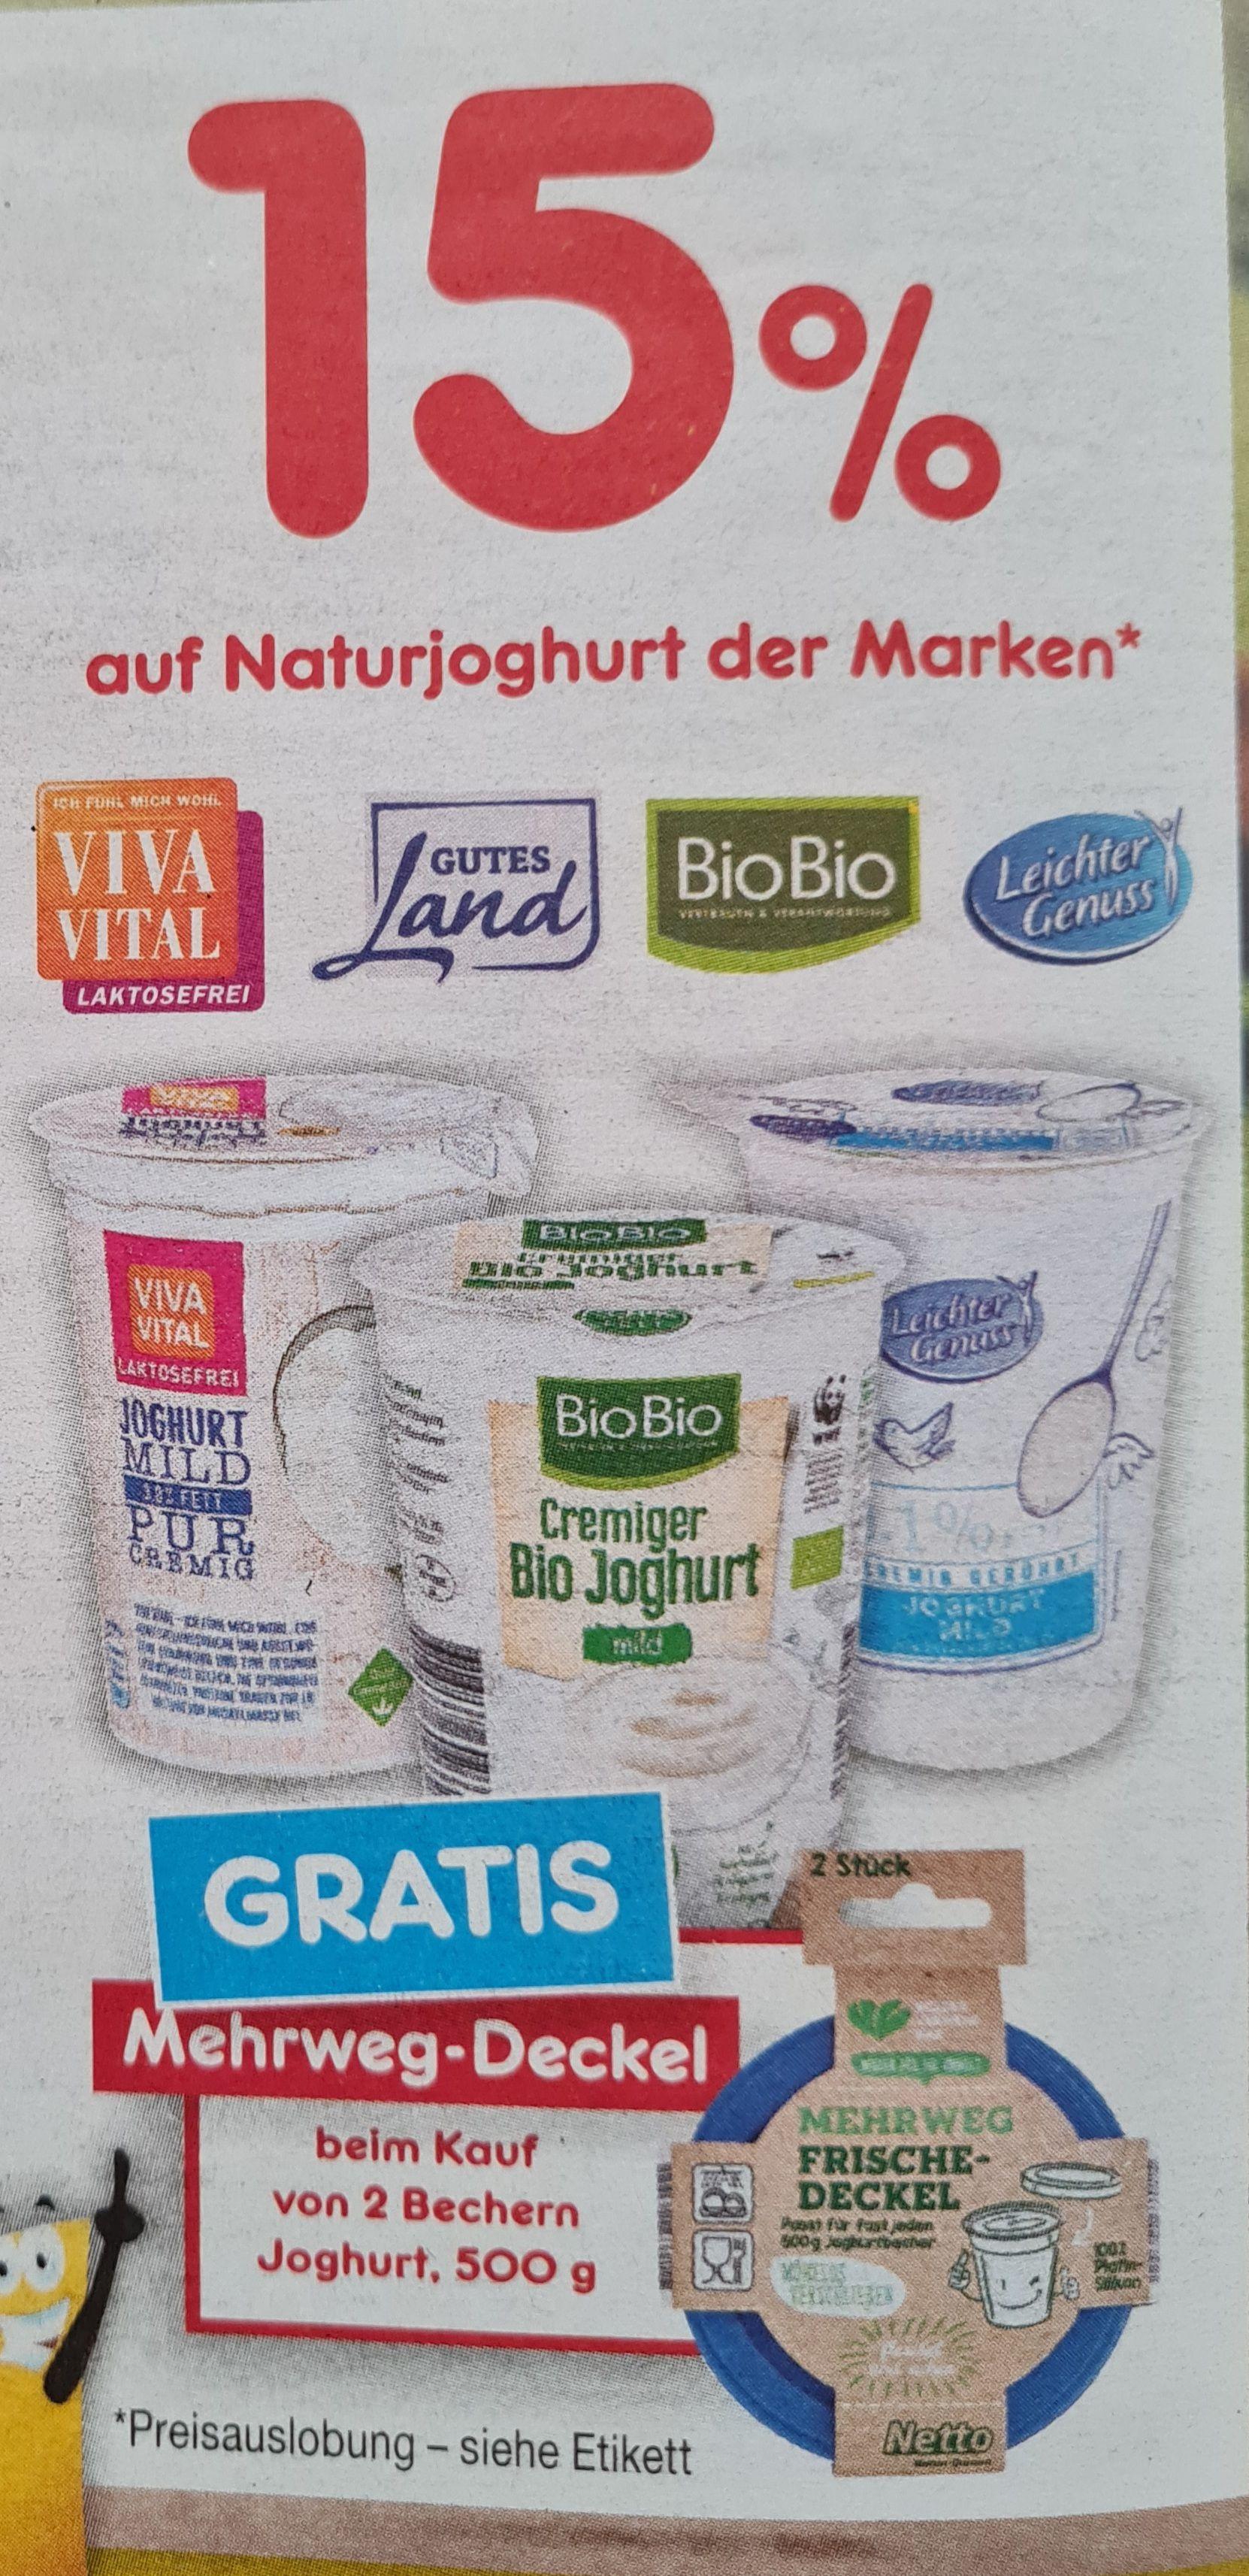 Netto 15% beim Kauf von 2 Becher Joghurt und Gratis 2 Mehrweg-Deckel